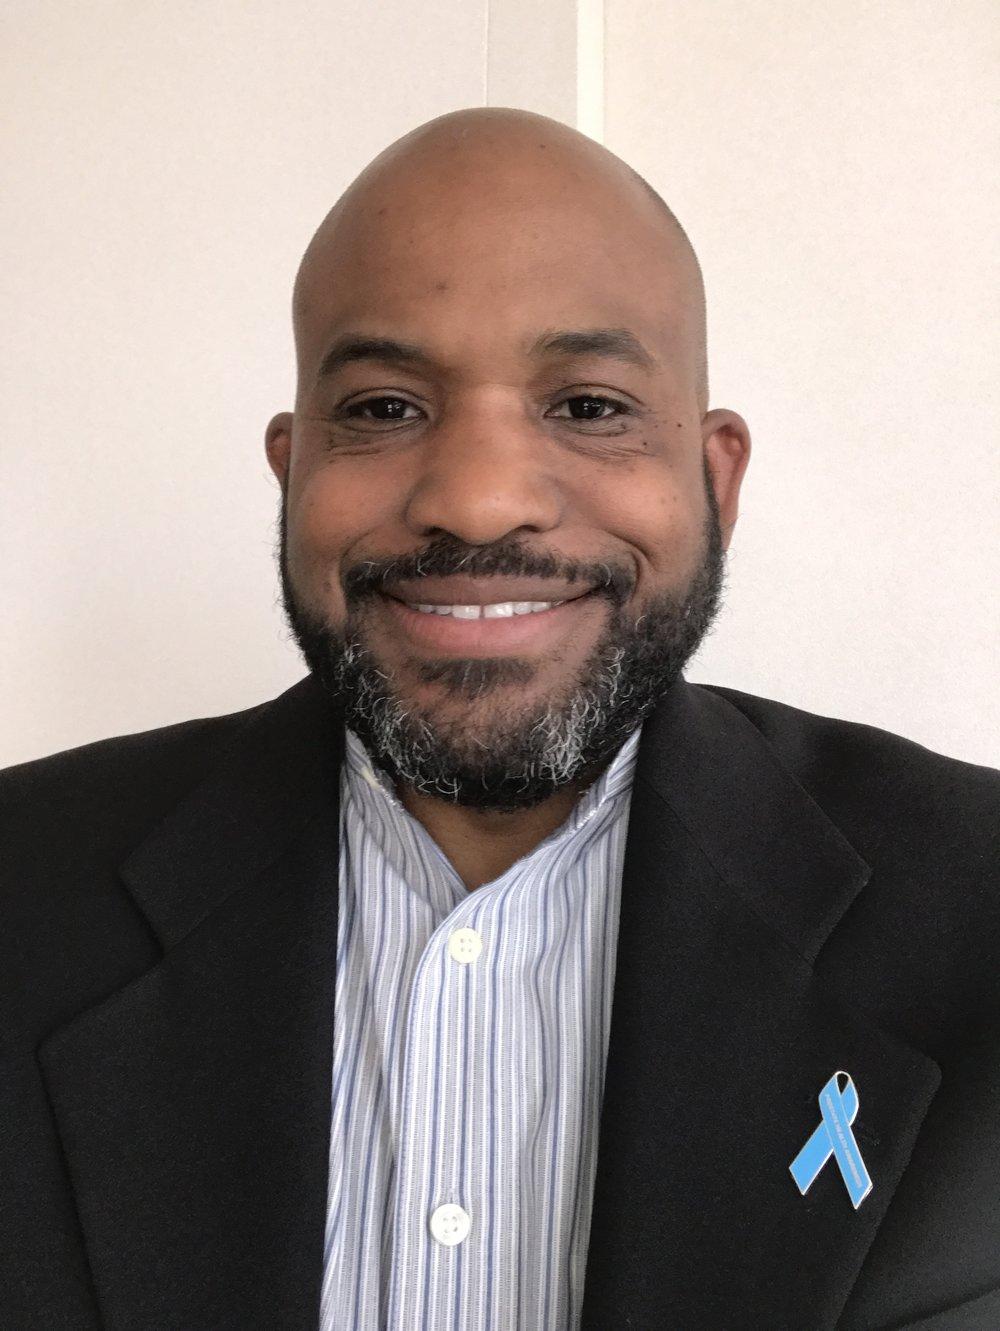 Dr. Muntu Davis